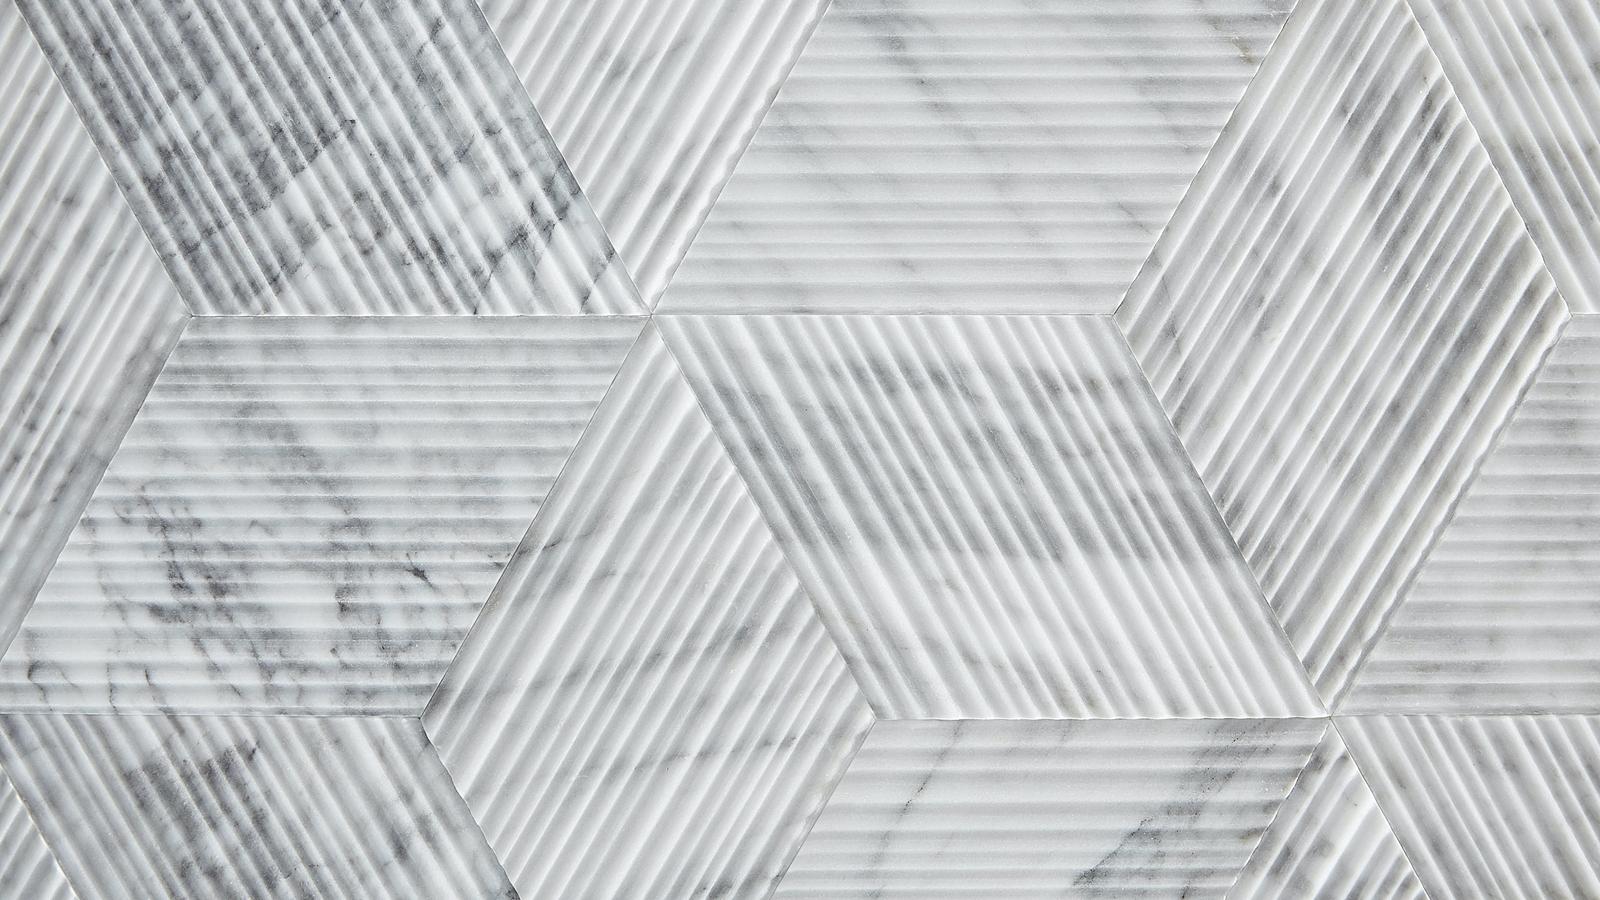 Eredeti és dícséretes gondolatból született a Salvatori Romboo burkolat: a termék ugyanis az egyenes vonalú és rendkívül népszerű Bamboo termékük vágása során keletkezett hulladékdarabok egymás mellé helyezésével jött létre. A rombusz formákra vágott, kisméretű darabkákból kialakított, háromdimenziós hatszögek olyan egyedi, új felületet alkotnak, mely egyedi fény-árnyék hatásokat kelt és rendkívül izgalmas látványt hoz létre.